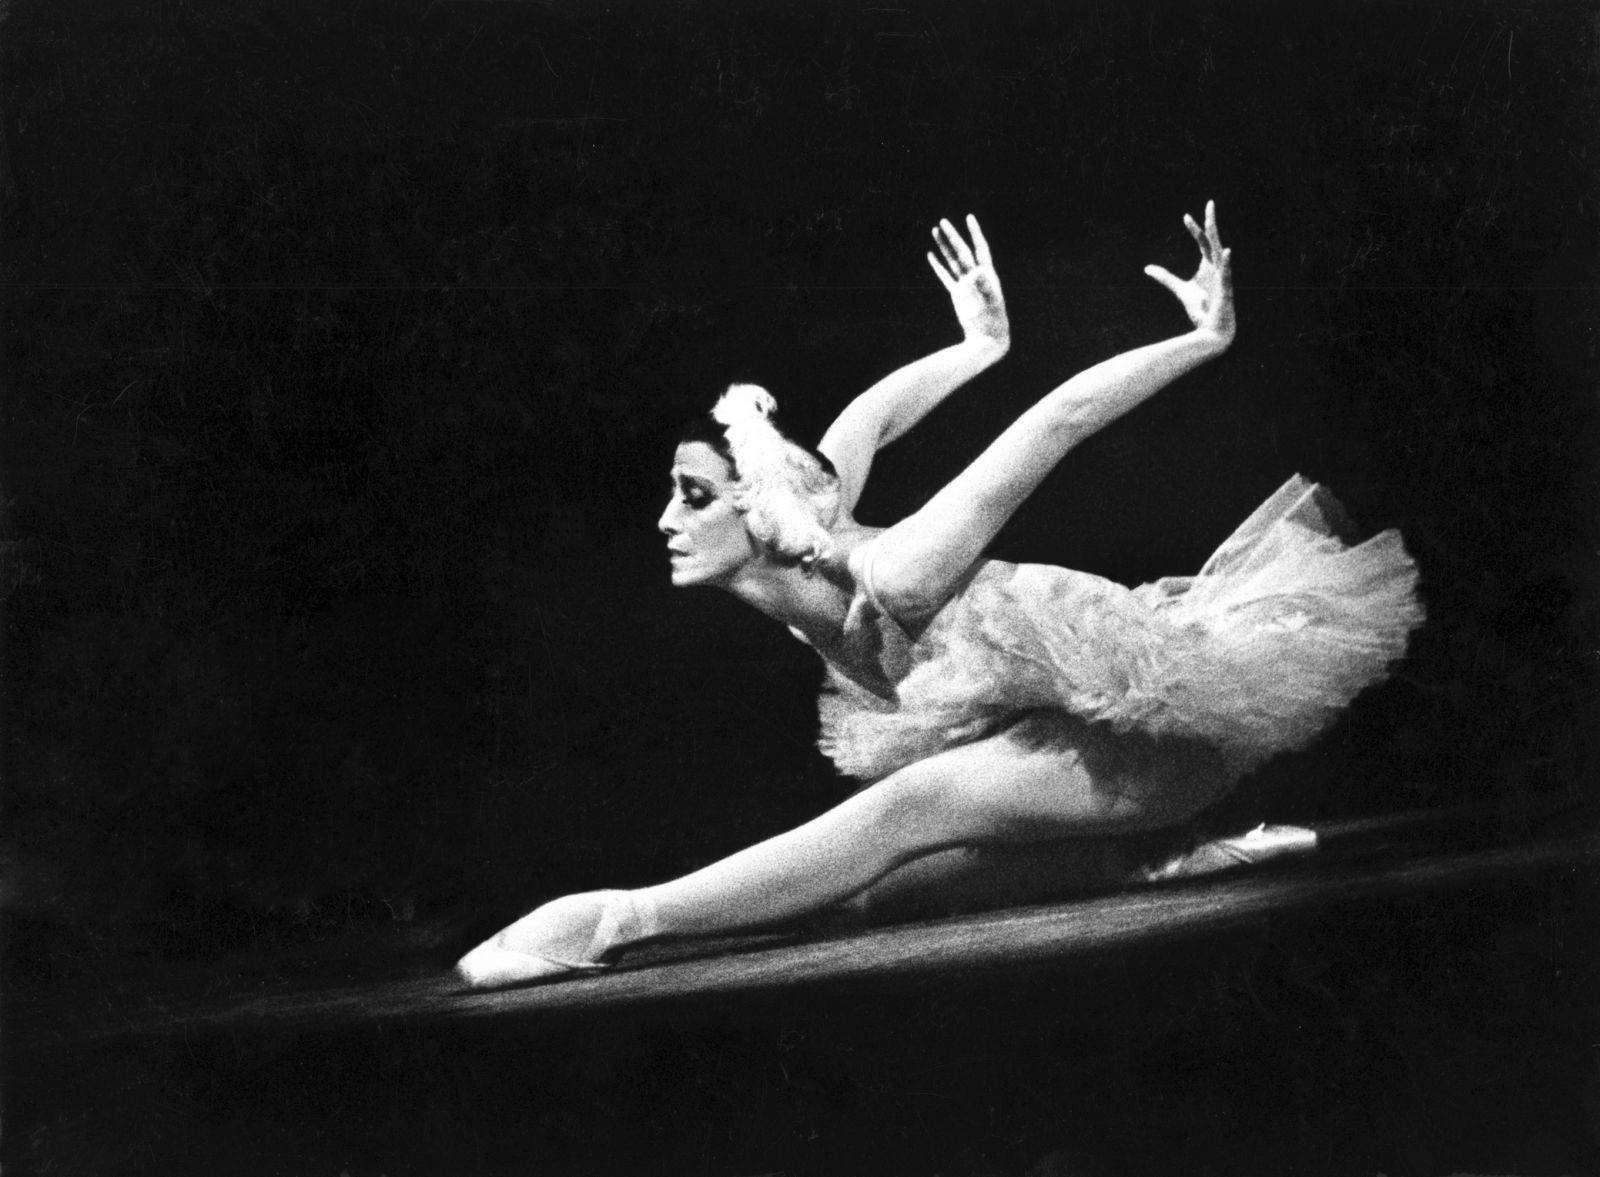 Майя Плисецкая: все тайны Богини танца (биография)